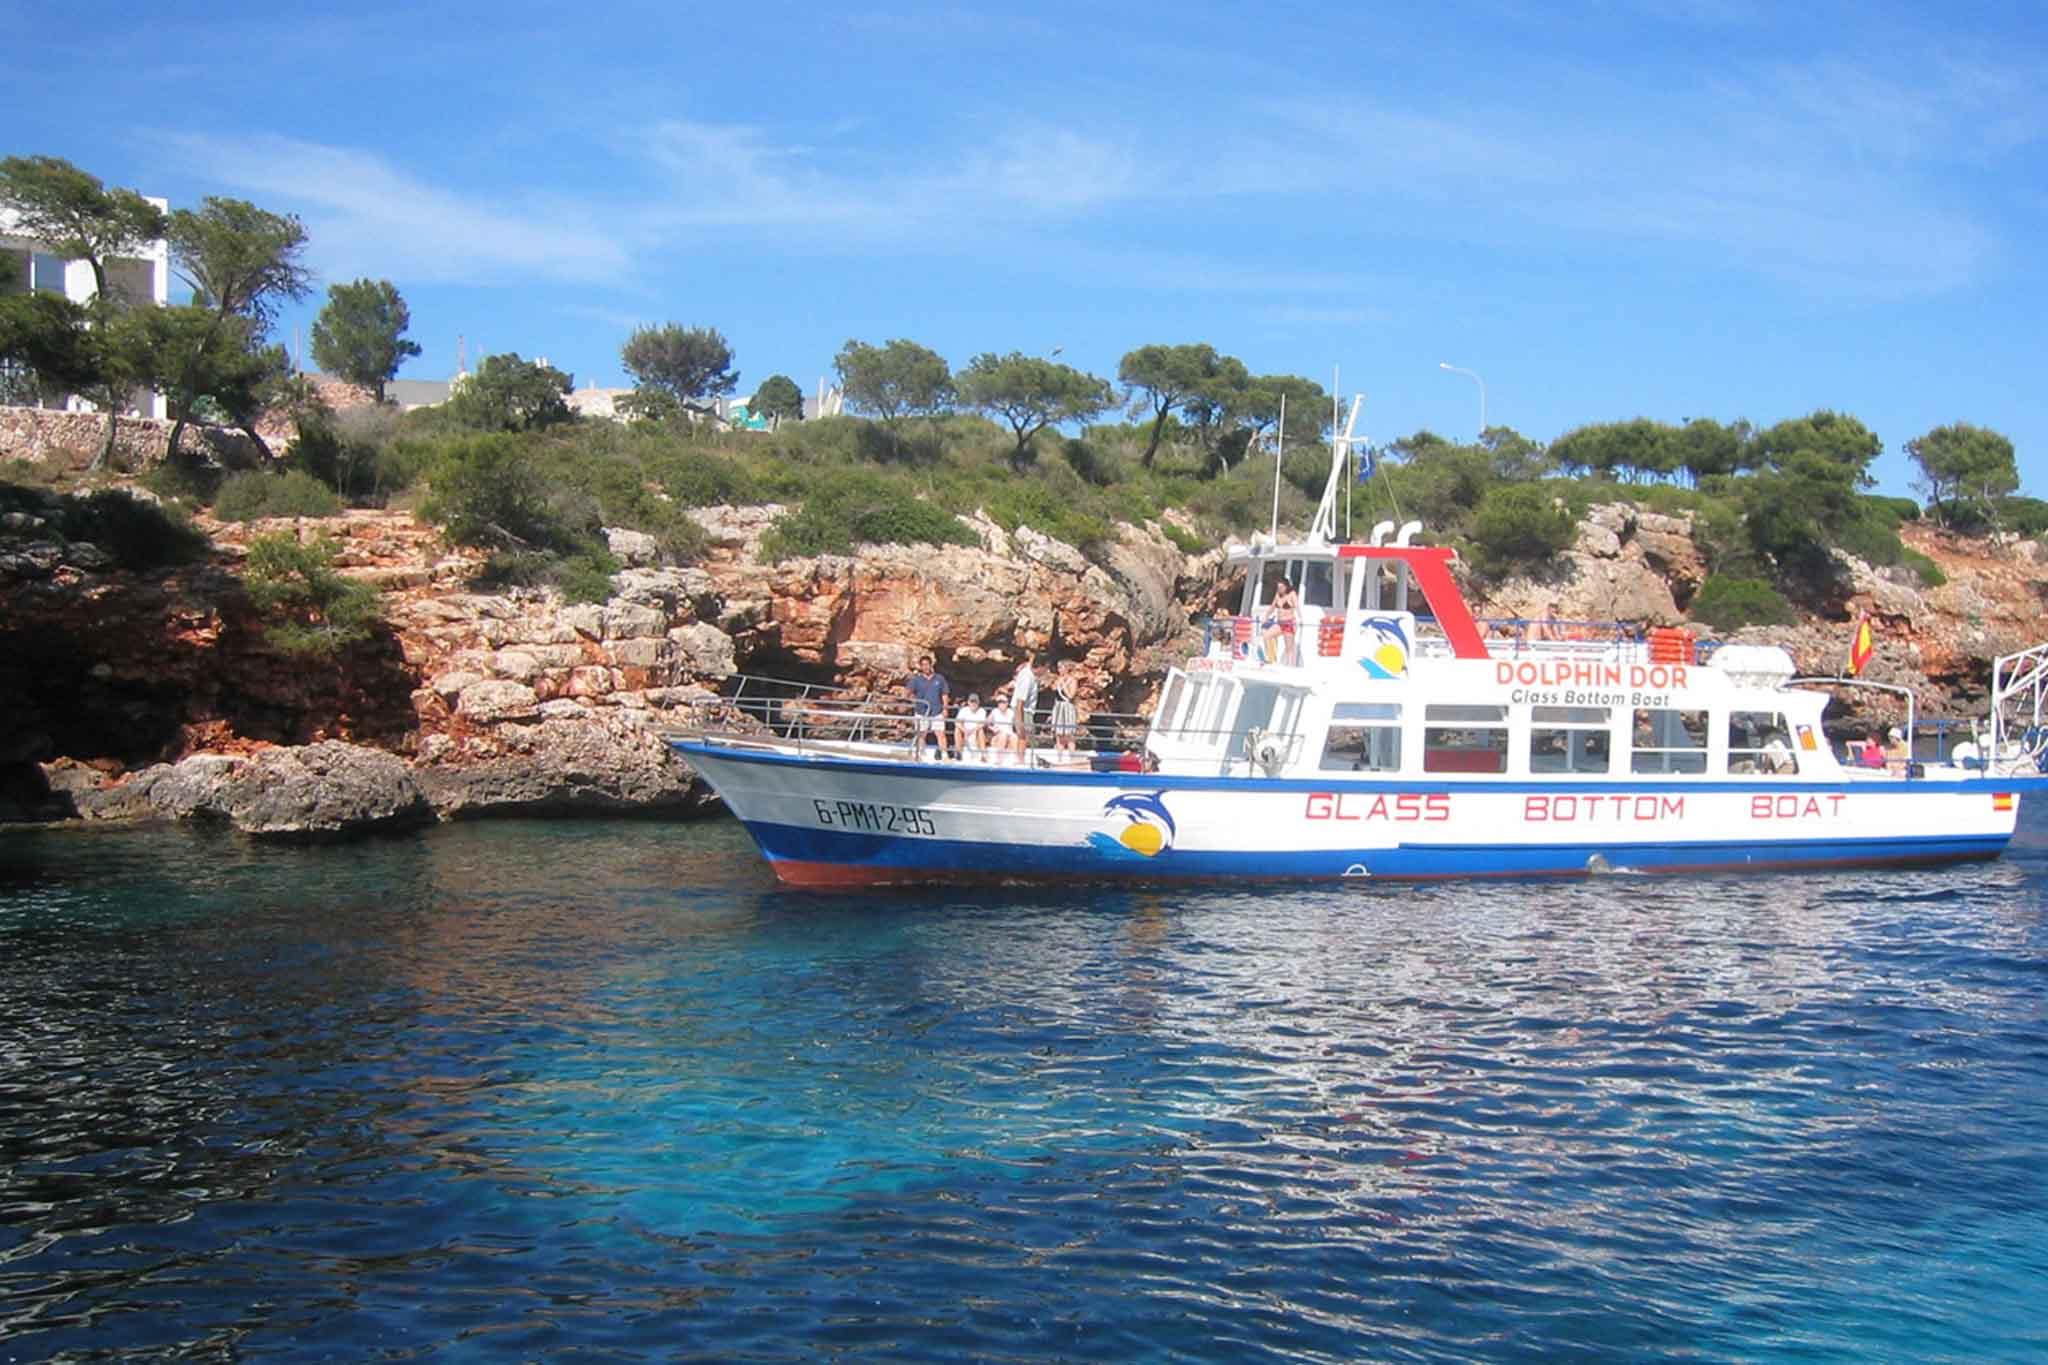 Excursiones maritimas | BarcoSitges